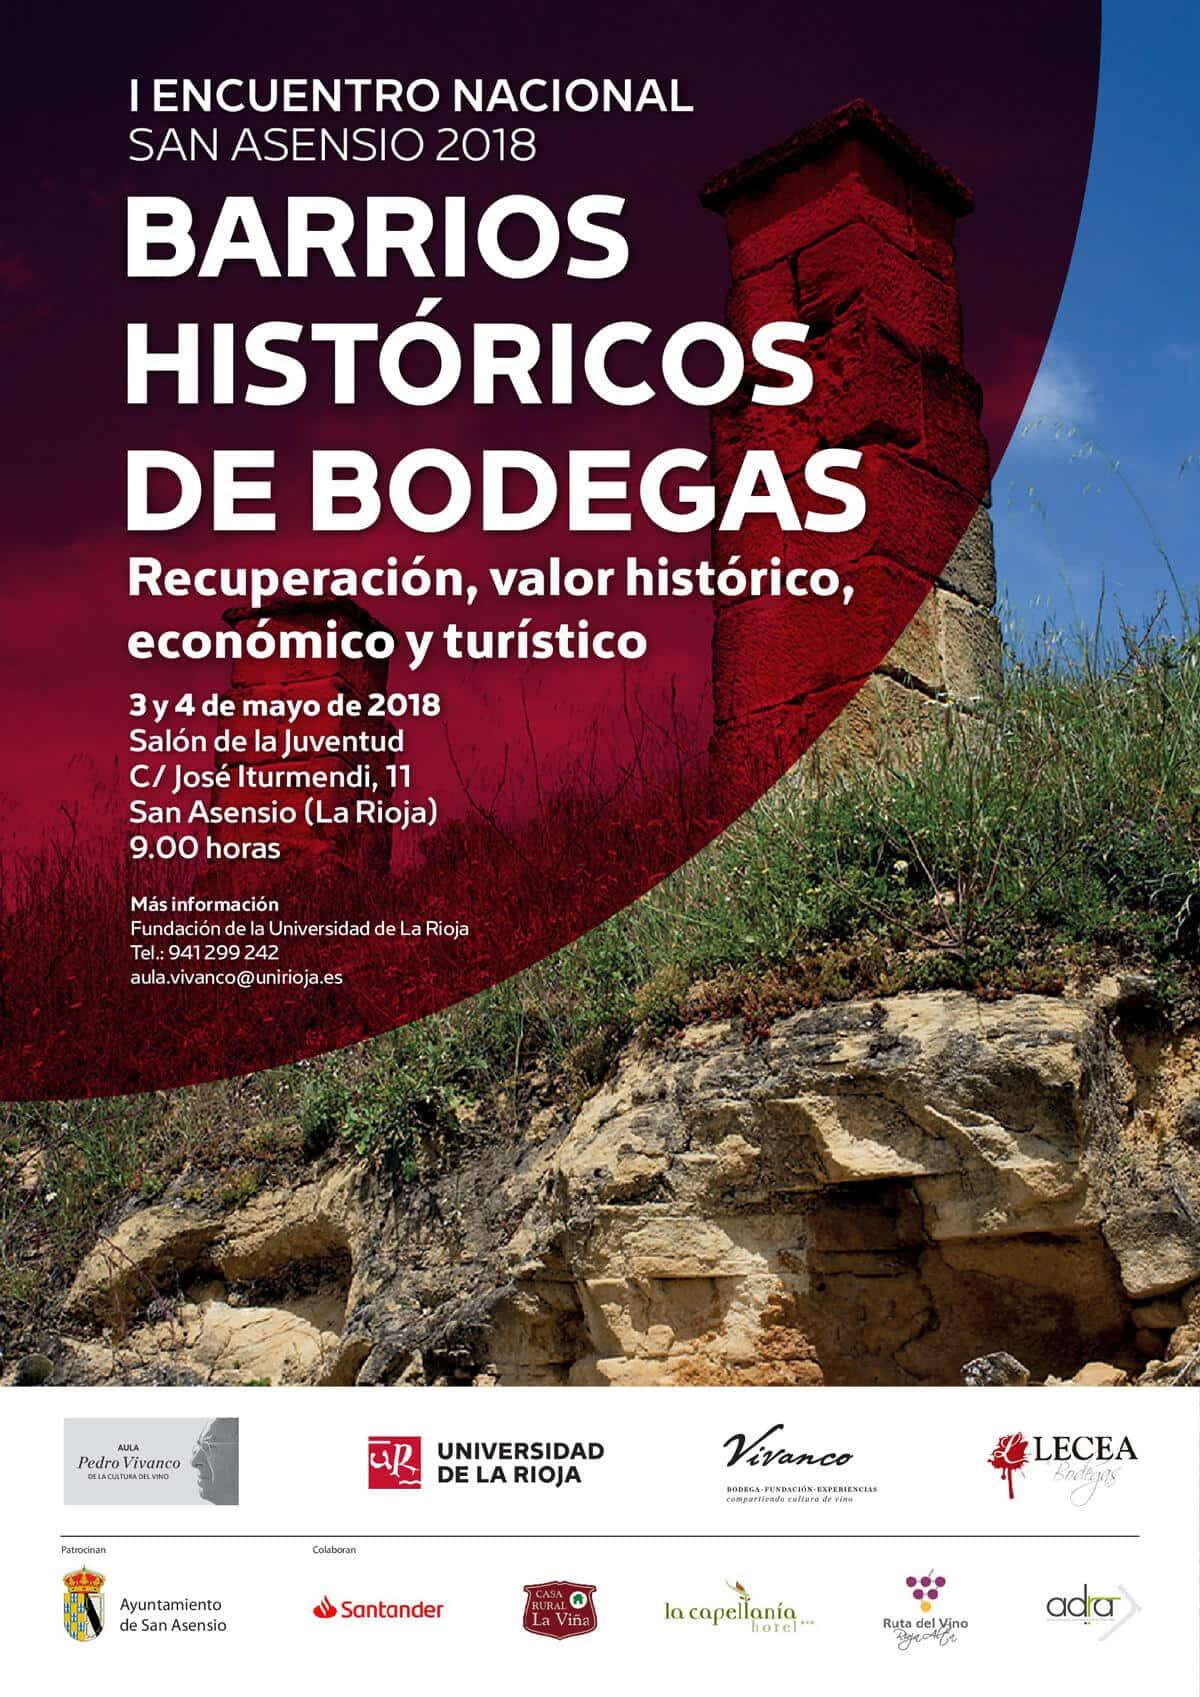 San Asensio acogerá el primer Encuentro Nacional de Barrios Históricos de Bodegas 1